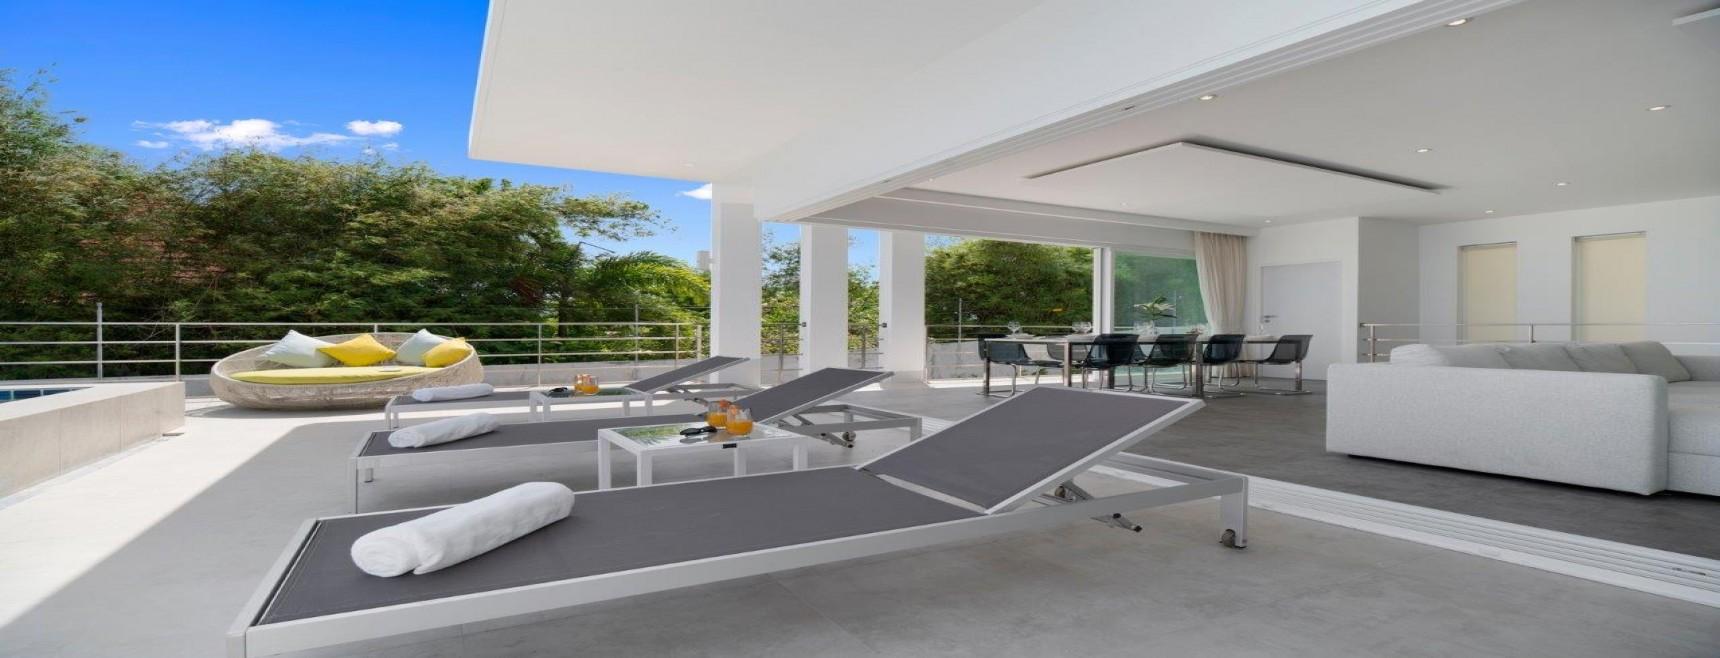 sea view villa, koh samui, 3 bedrooms